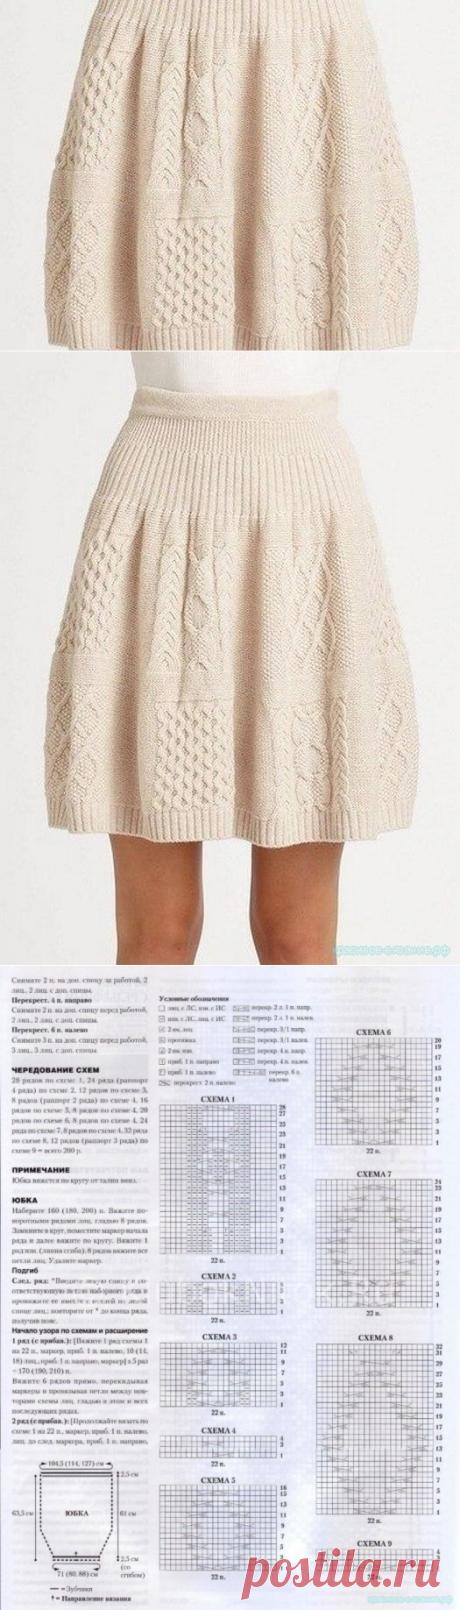 Красивое вязание | Юбка вязанная спицами